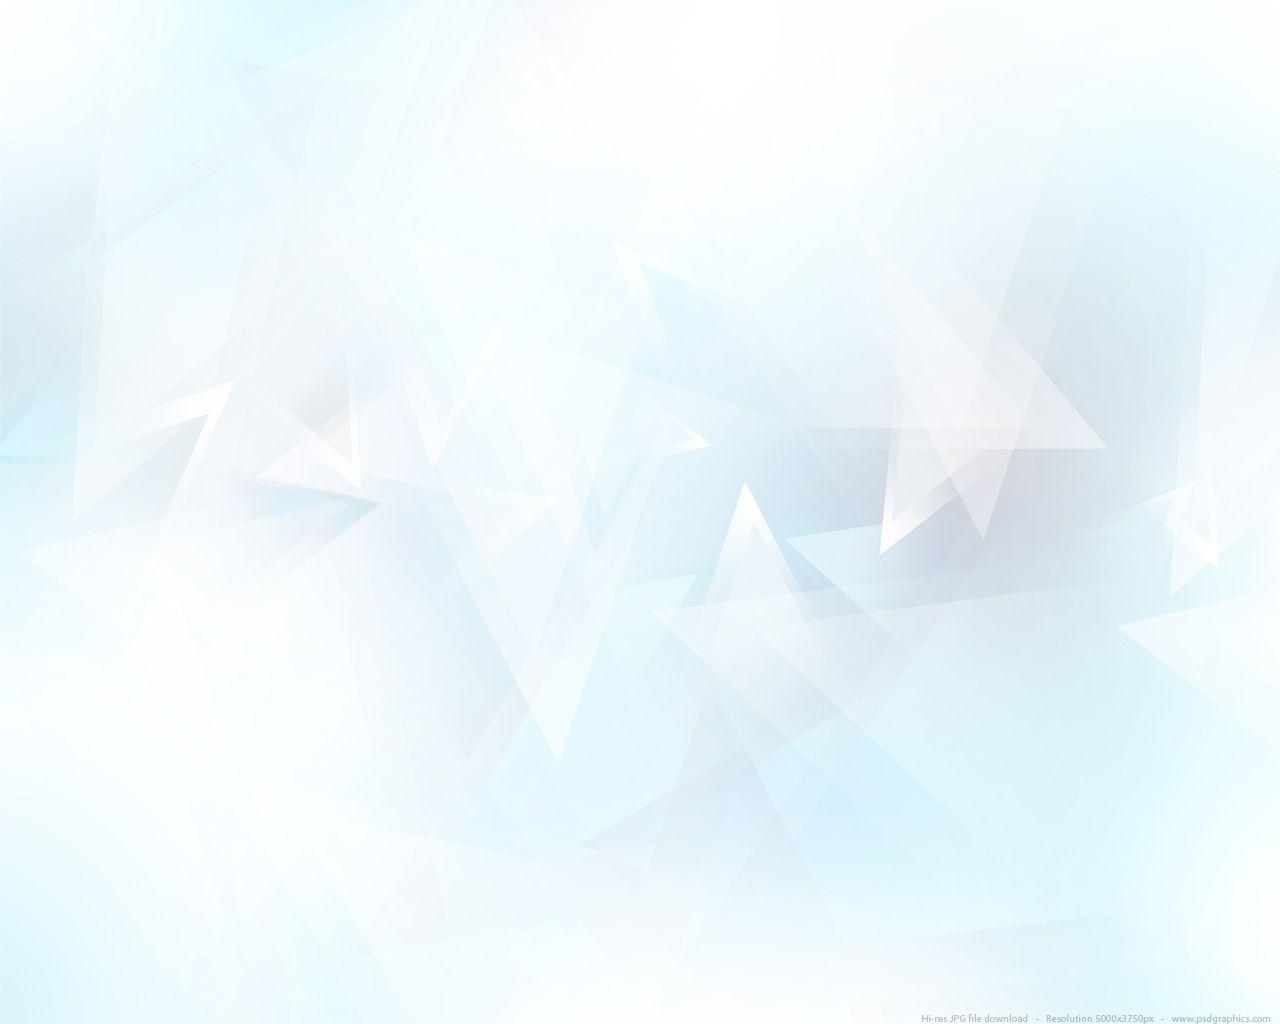 White light file format jpg color theme light blue white